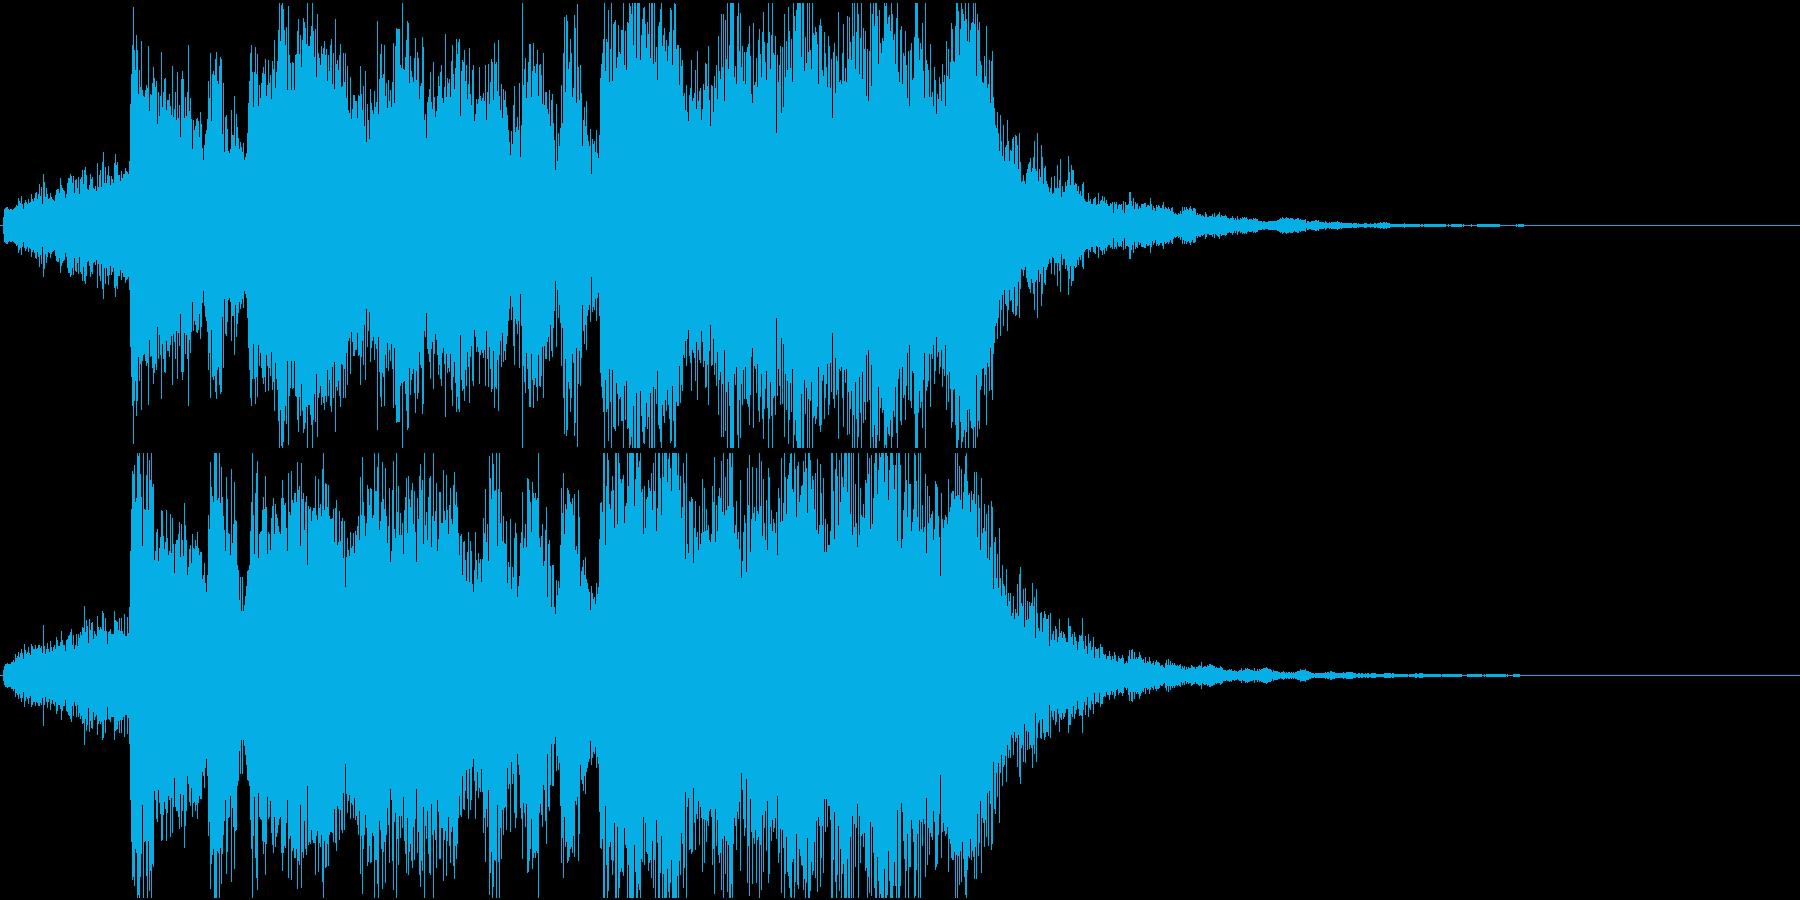 ステージクリア・ファンファーレ・オケ風の再生済みの波形